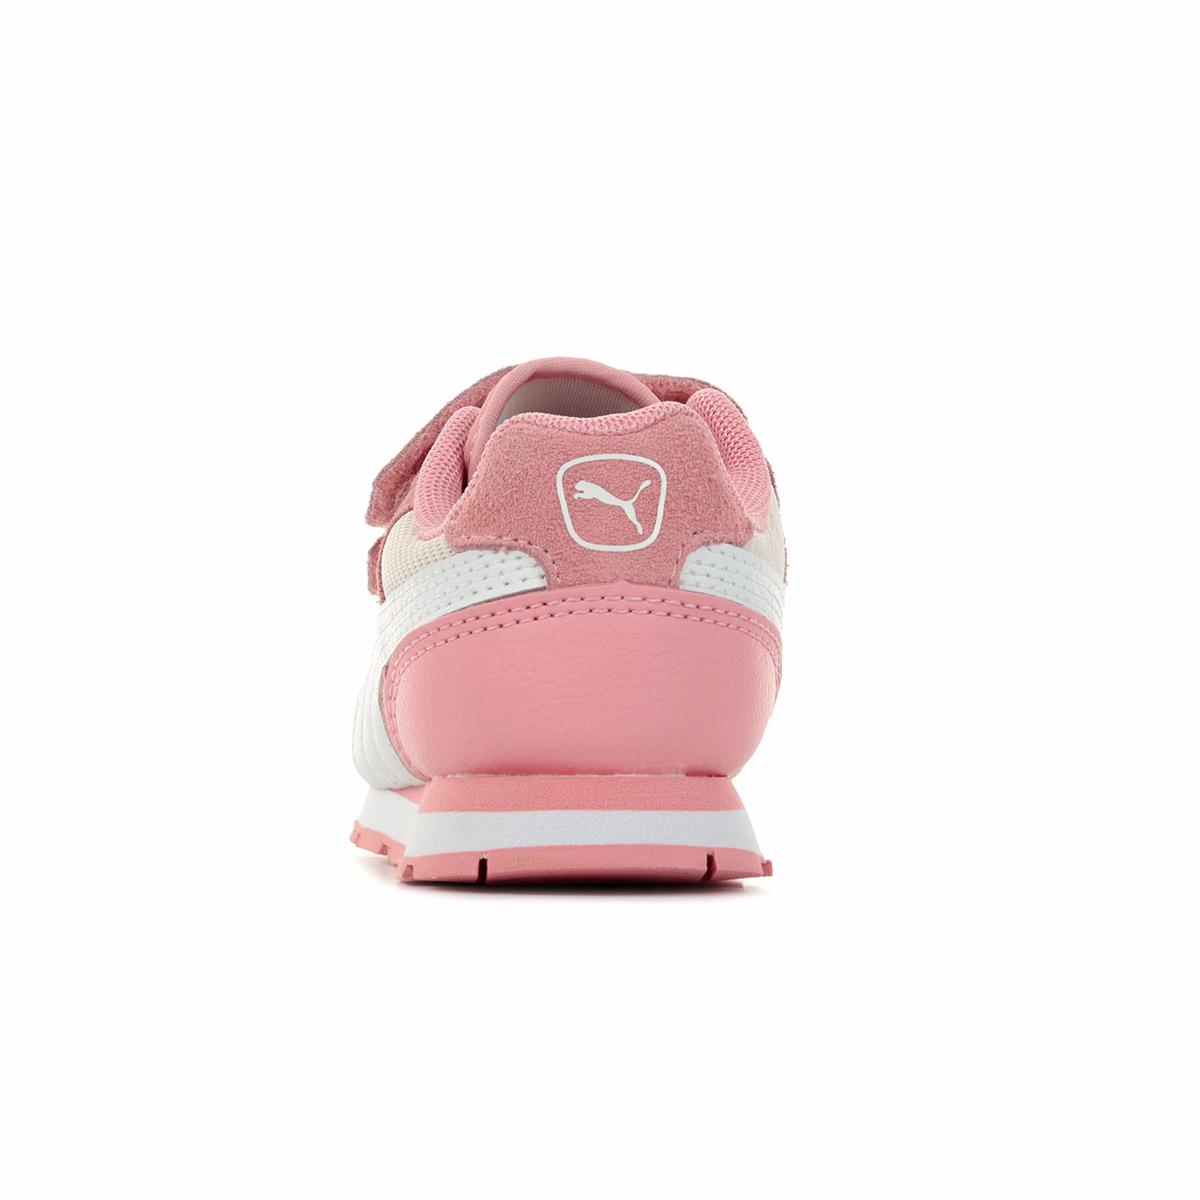 Détails sur Chaussures Baskets Puma fille Vista V PS taille Rose Textile Scratchs